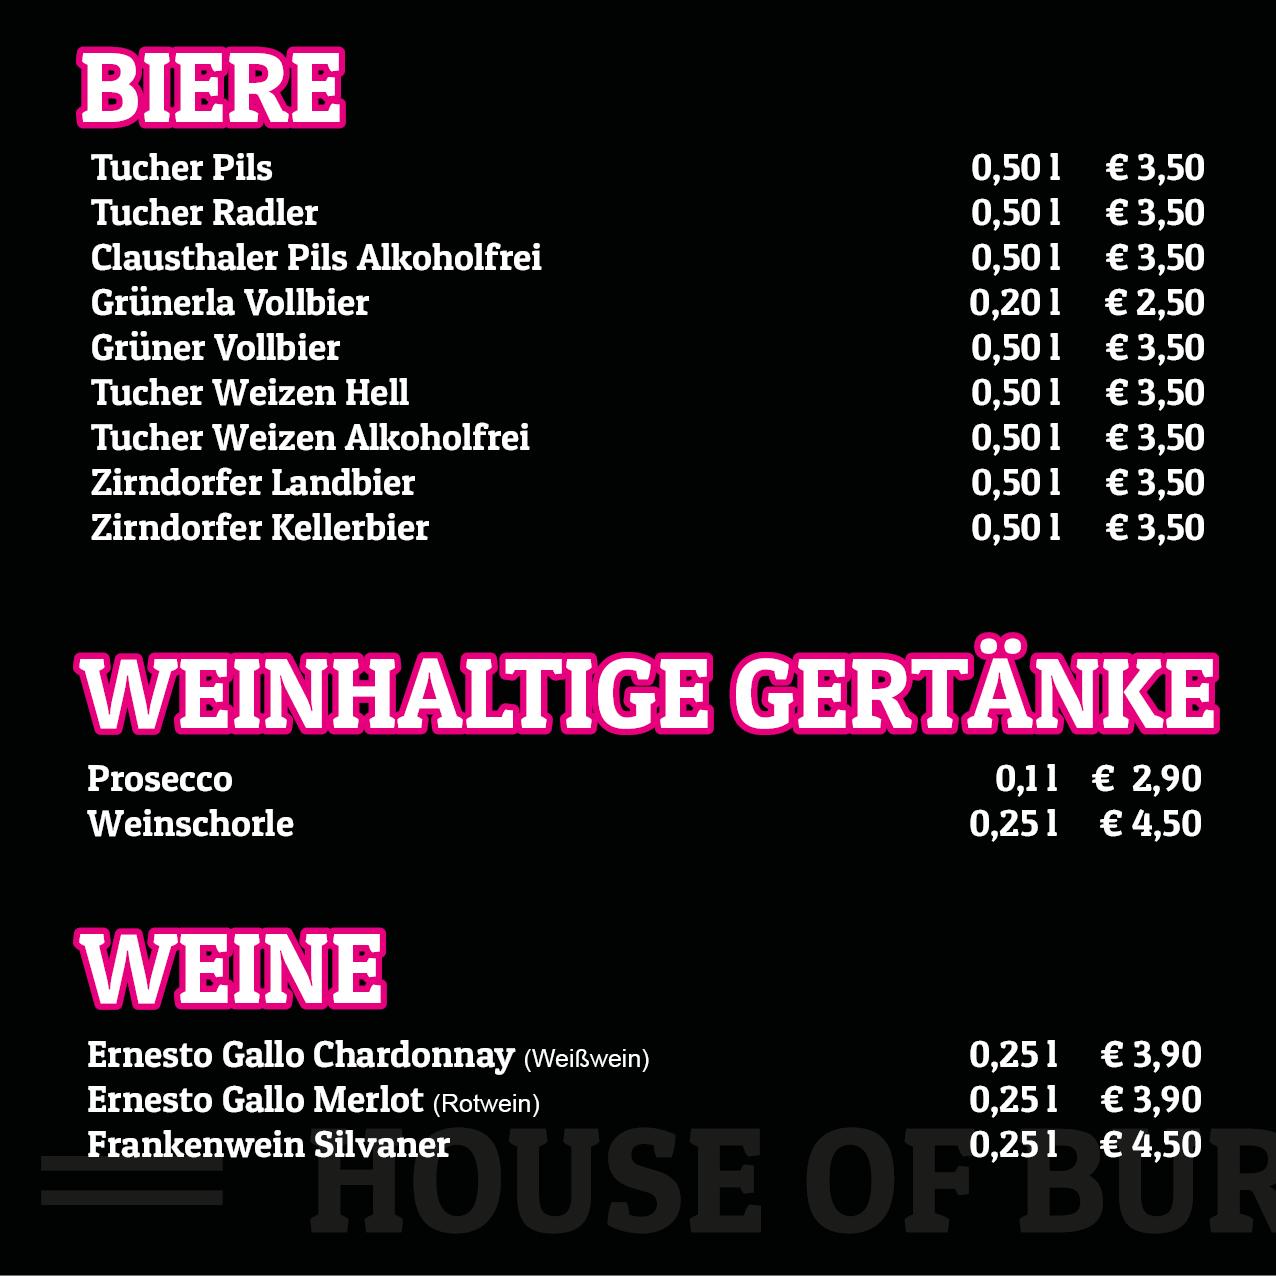 Mehrseitige Speisekarte für Burger-Restaurant